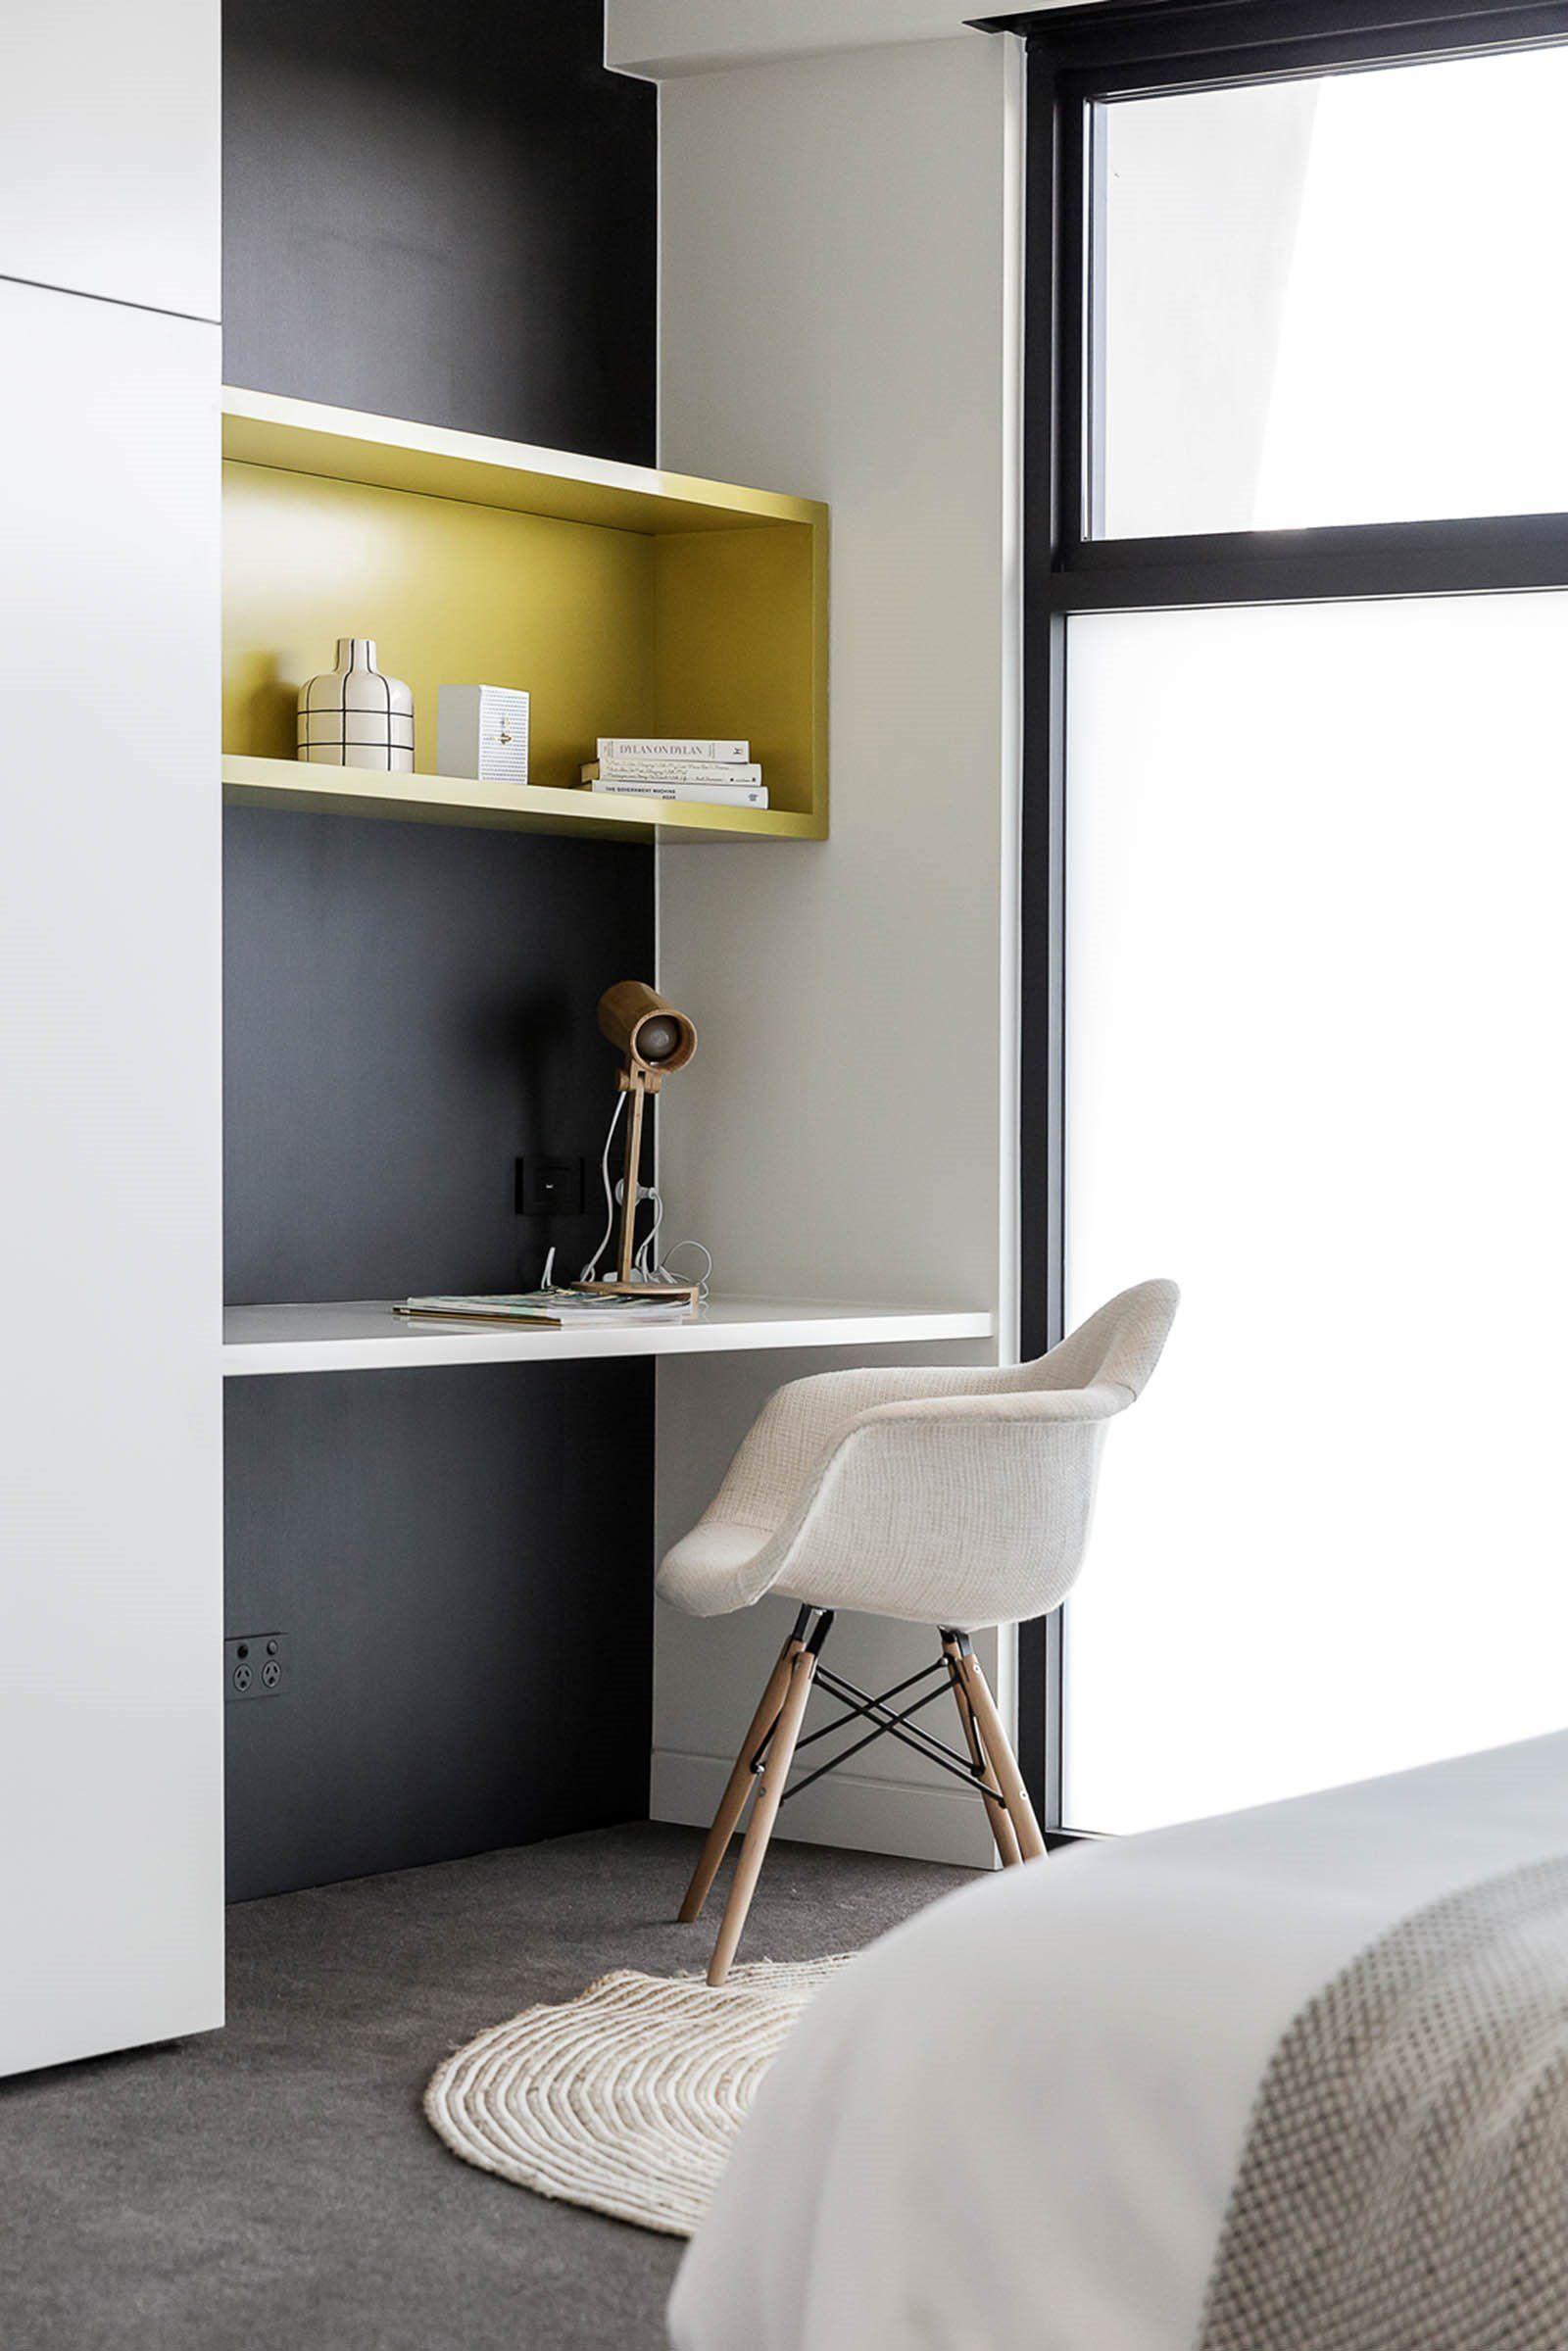 Espacio de zona de trabajo en habitación de estilo nórdico contemporáneo